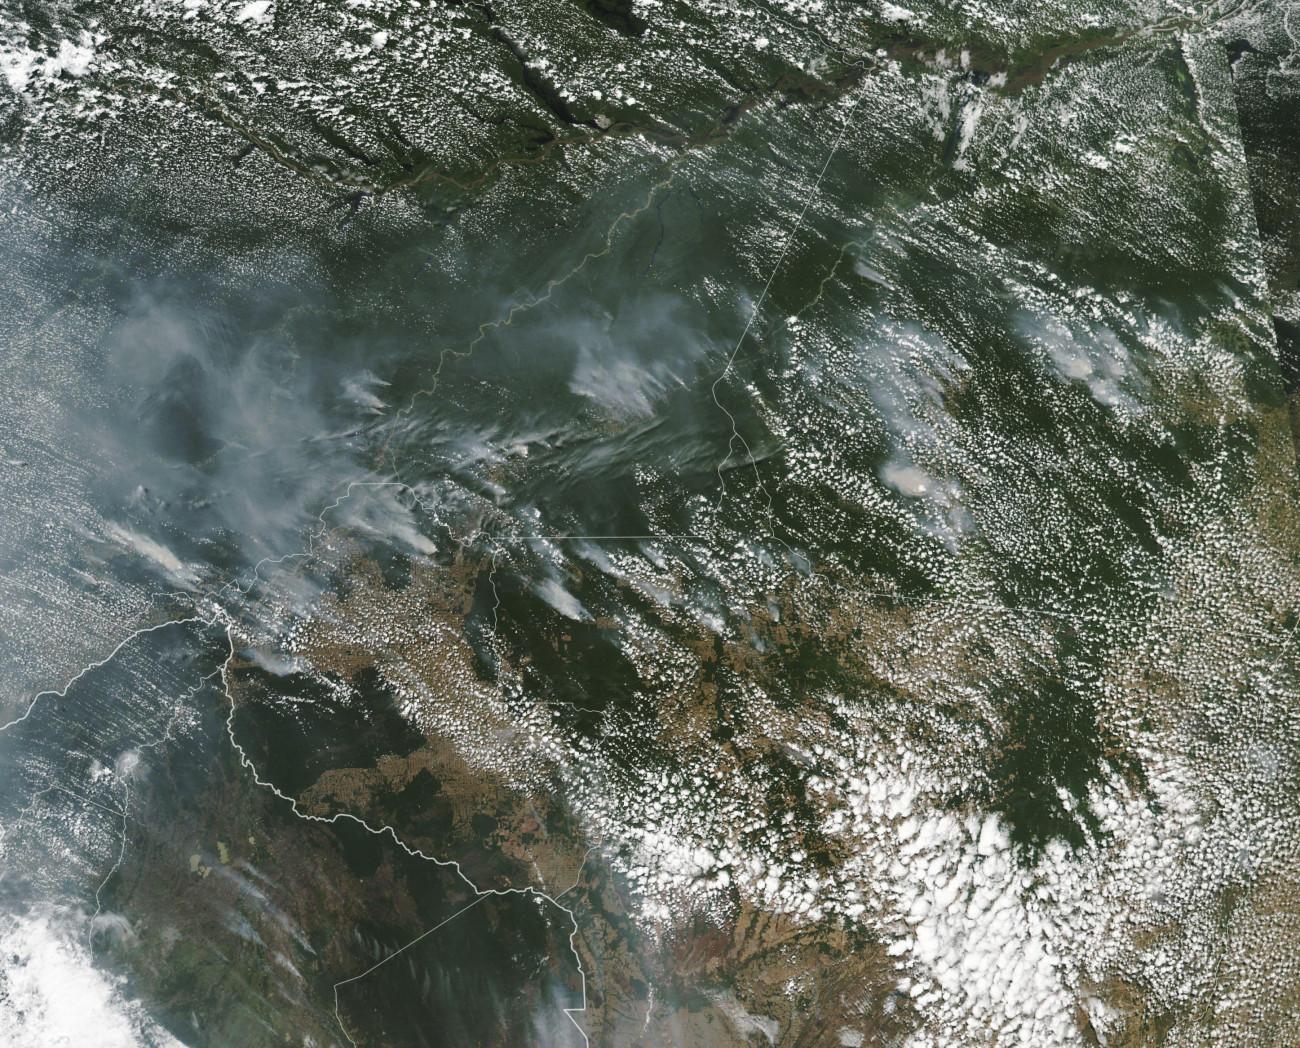 Brazília, 2019. augusztus 21. Az amerikai Országos Repülésügyi és Űrkutatási Hivatal, a NASA által 2019. augusztus 21-én közreadott kép erdőtüzek füstjéről az Amazonas területén augusztus 13-án. Brazília űrkutatási hivatala, az INPE adatai szerint idén 84 százalékkal több az erdőtűz, mint az előző év hasonló időszakában: januártól augusztusig 72 ezer tüzet észleltek, és egyedül augusztus 15. óta 9500 helyen csaptak fel a lángok az Amazonasnál. MTI/AP/NASA